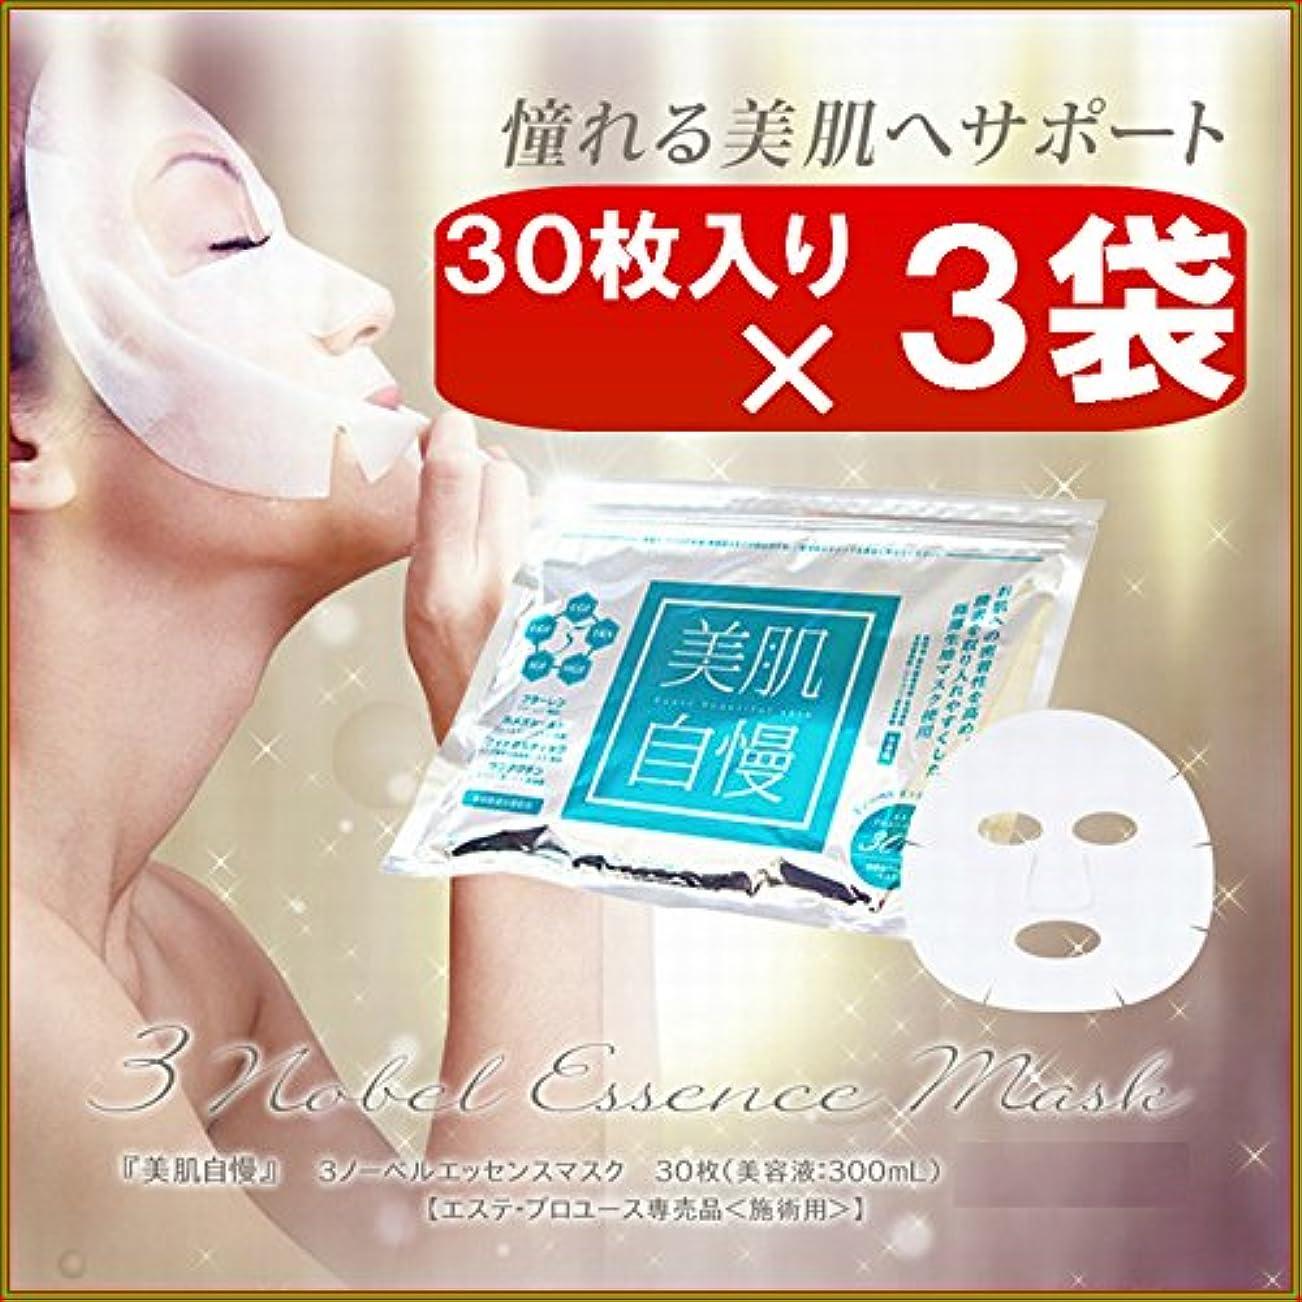 メーター広範囲収容する美肌自慢フェイスマスク 30枚入り ×お得3袋セット 《エッセンスマスク、EGF、IGF、ヒアルロン酸、プラセンタ、アルブチン、カタツムリエキス、しみ、しわ》